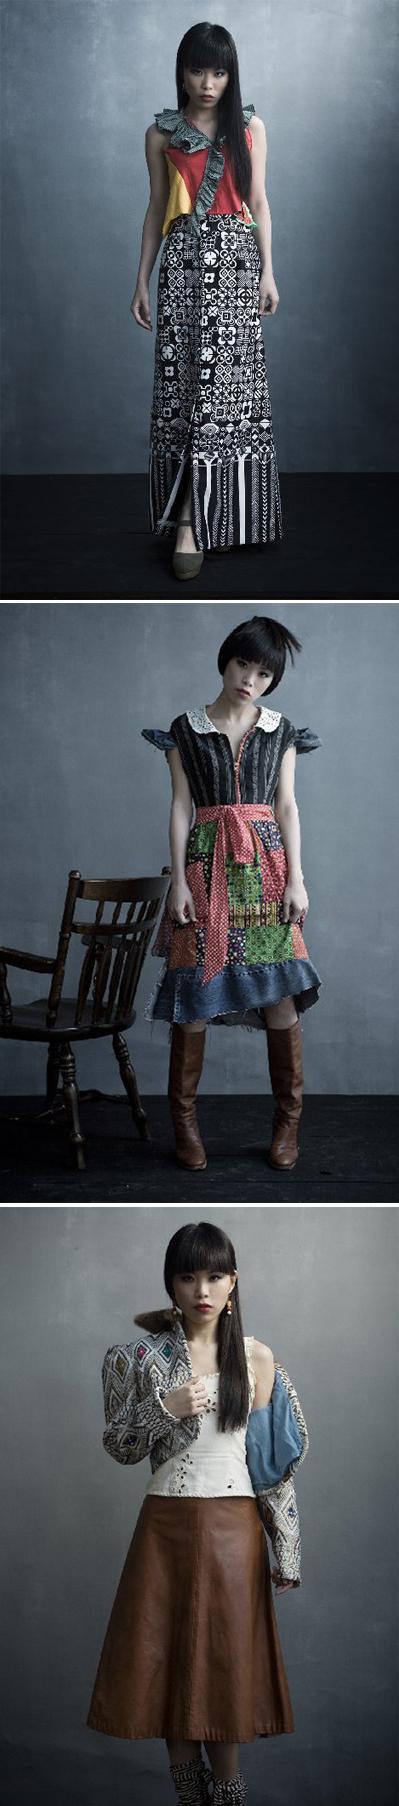 NY Jul 06, 2009 Photographer: Adrian Buckmaster, Make Up Artist: Irene Deity, Wardrobe Stylist: Sylvia Holden